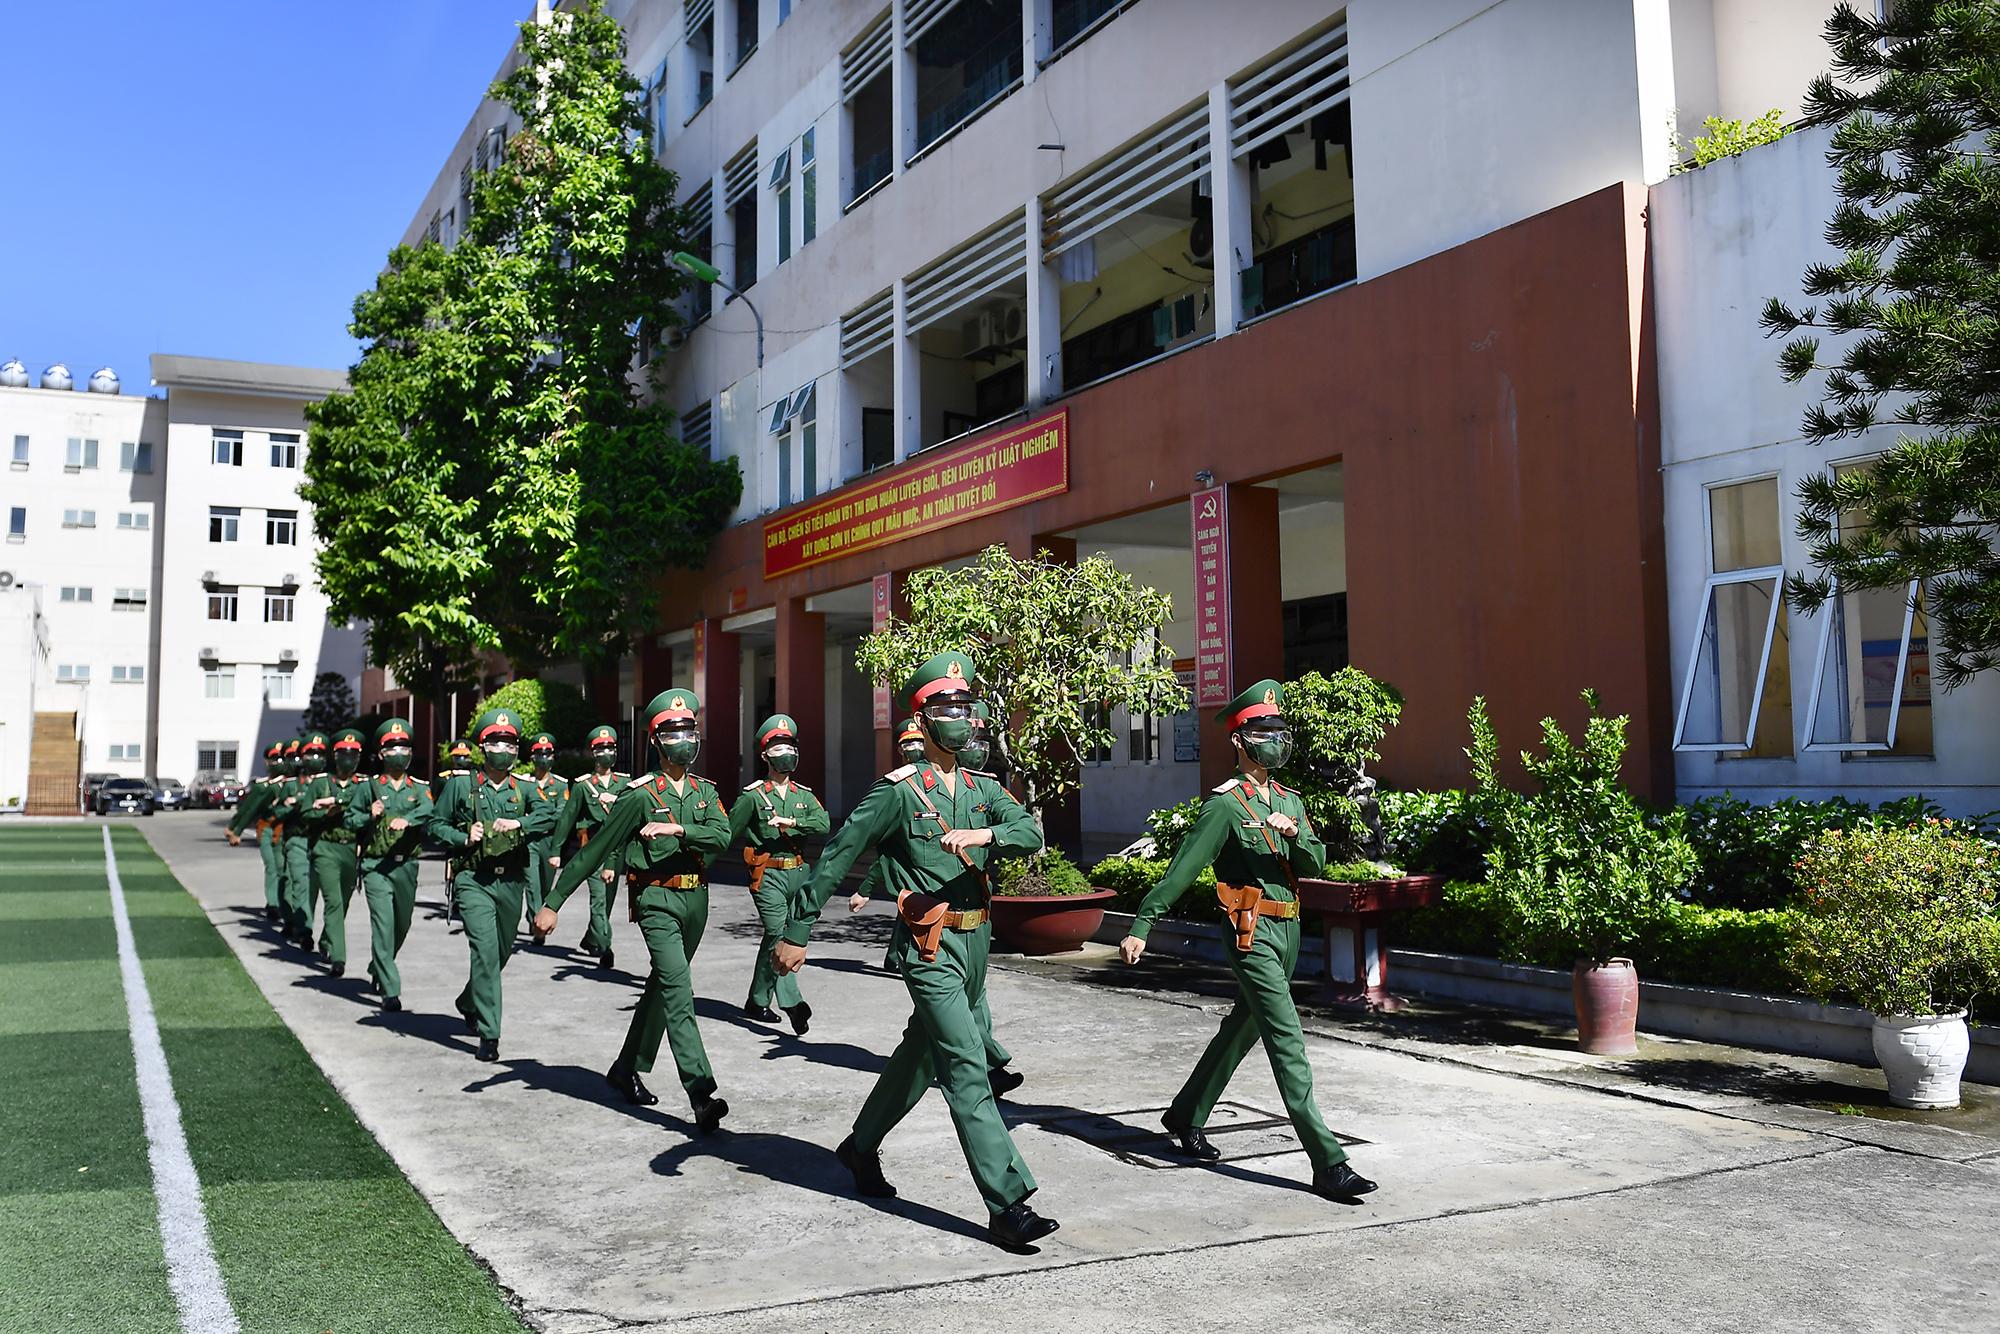 Chiến sĩ vệ binh thực hiện nhiệm vụ trong mùa dịch